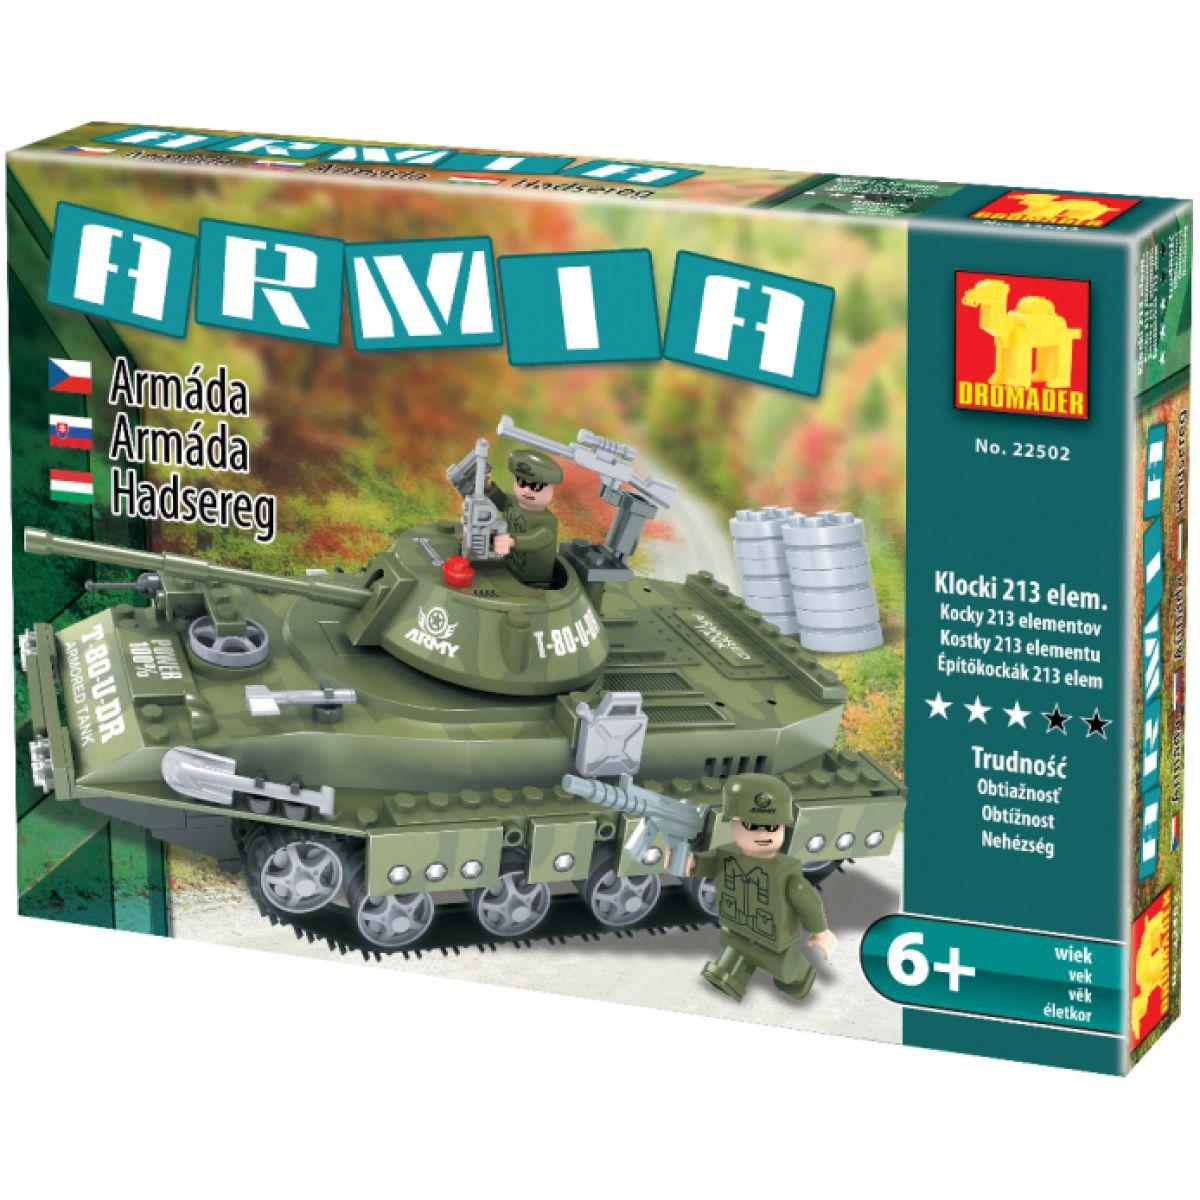 Dromader 22502 Vojáci Tank 213ks